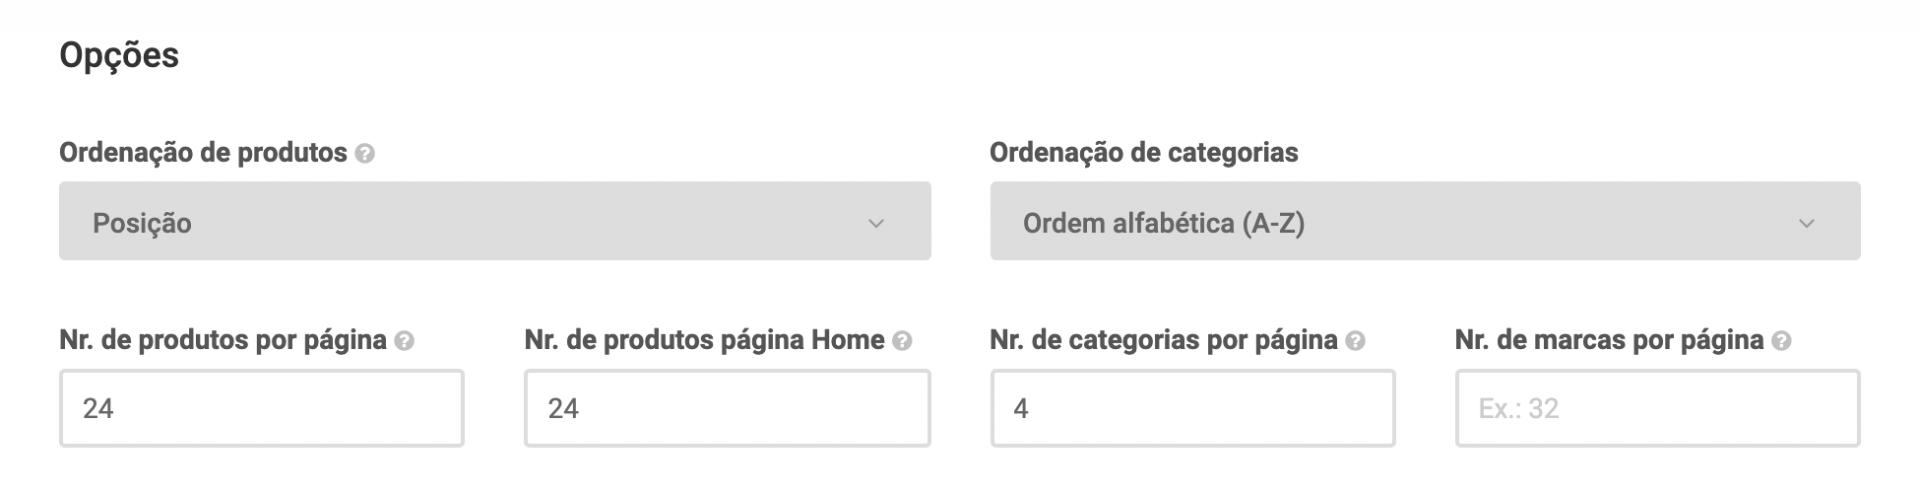 Configurações de apresentação de produtos